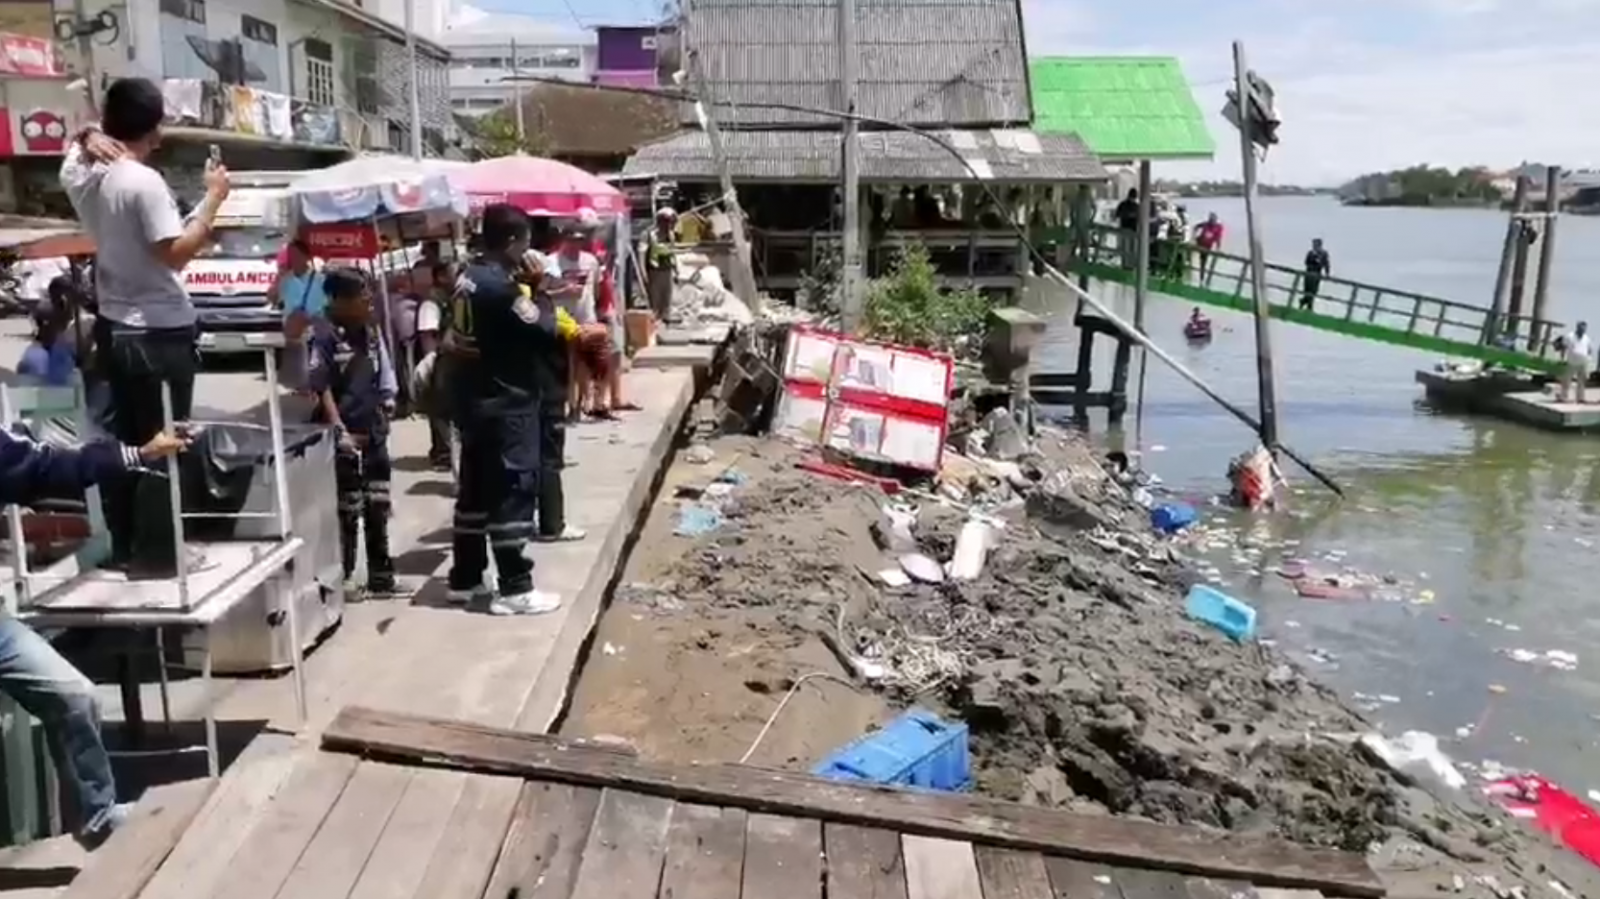 ศาลาริมน้ำ พังถล่มจมแม่น้ำแม่กลอง เจ็บหลายสิบ จนท.เร่งค้นหาผู้สูญหาย